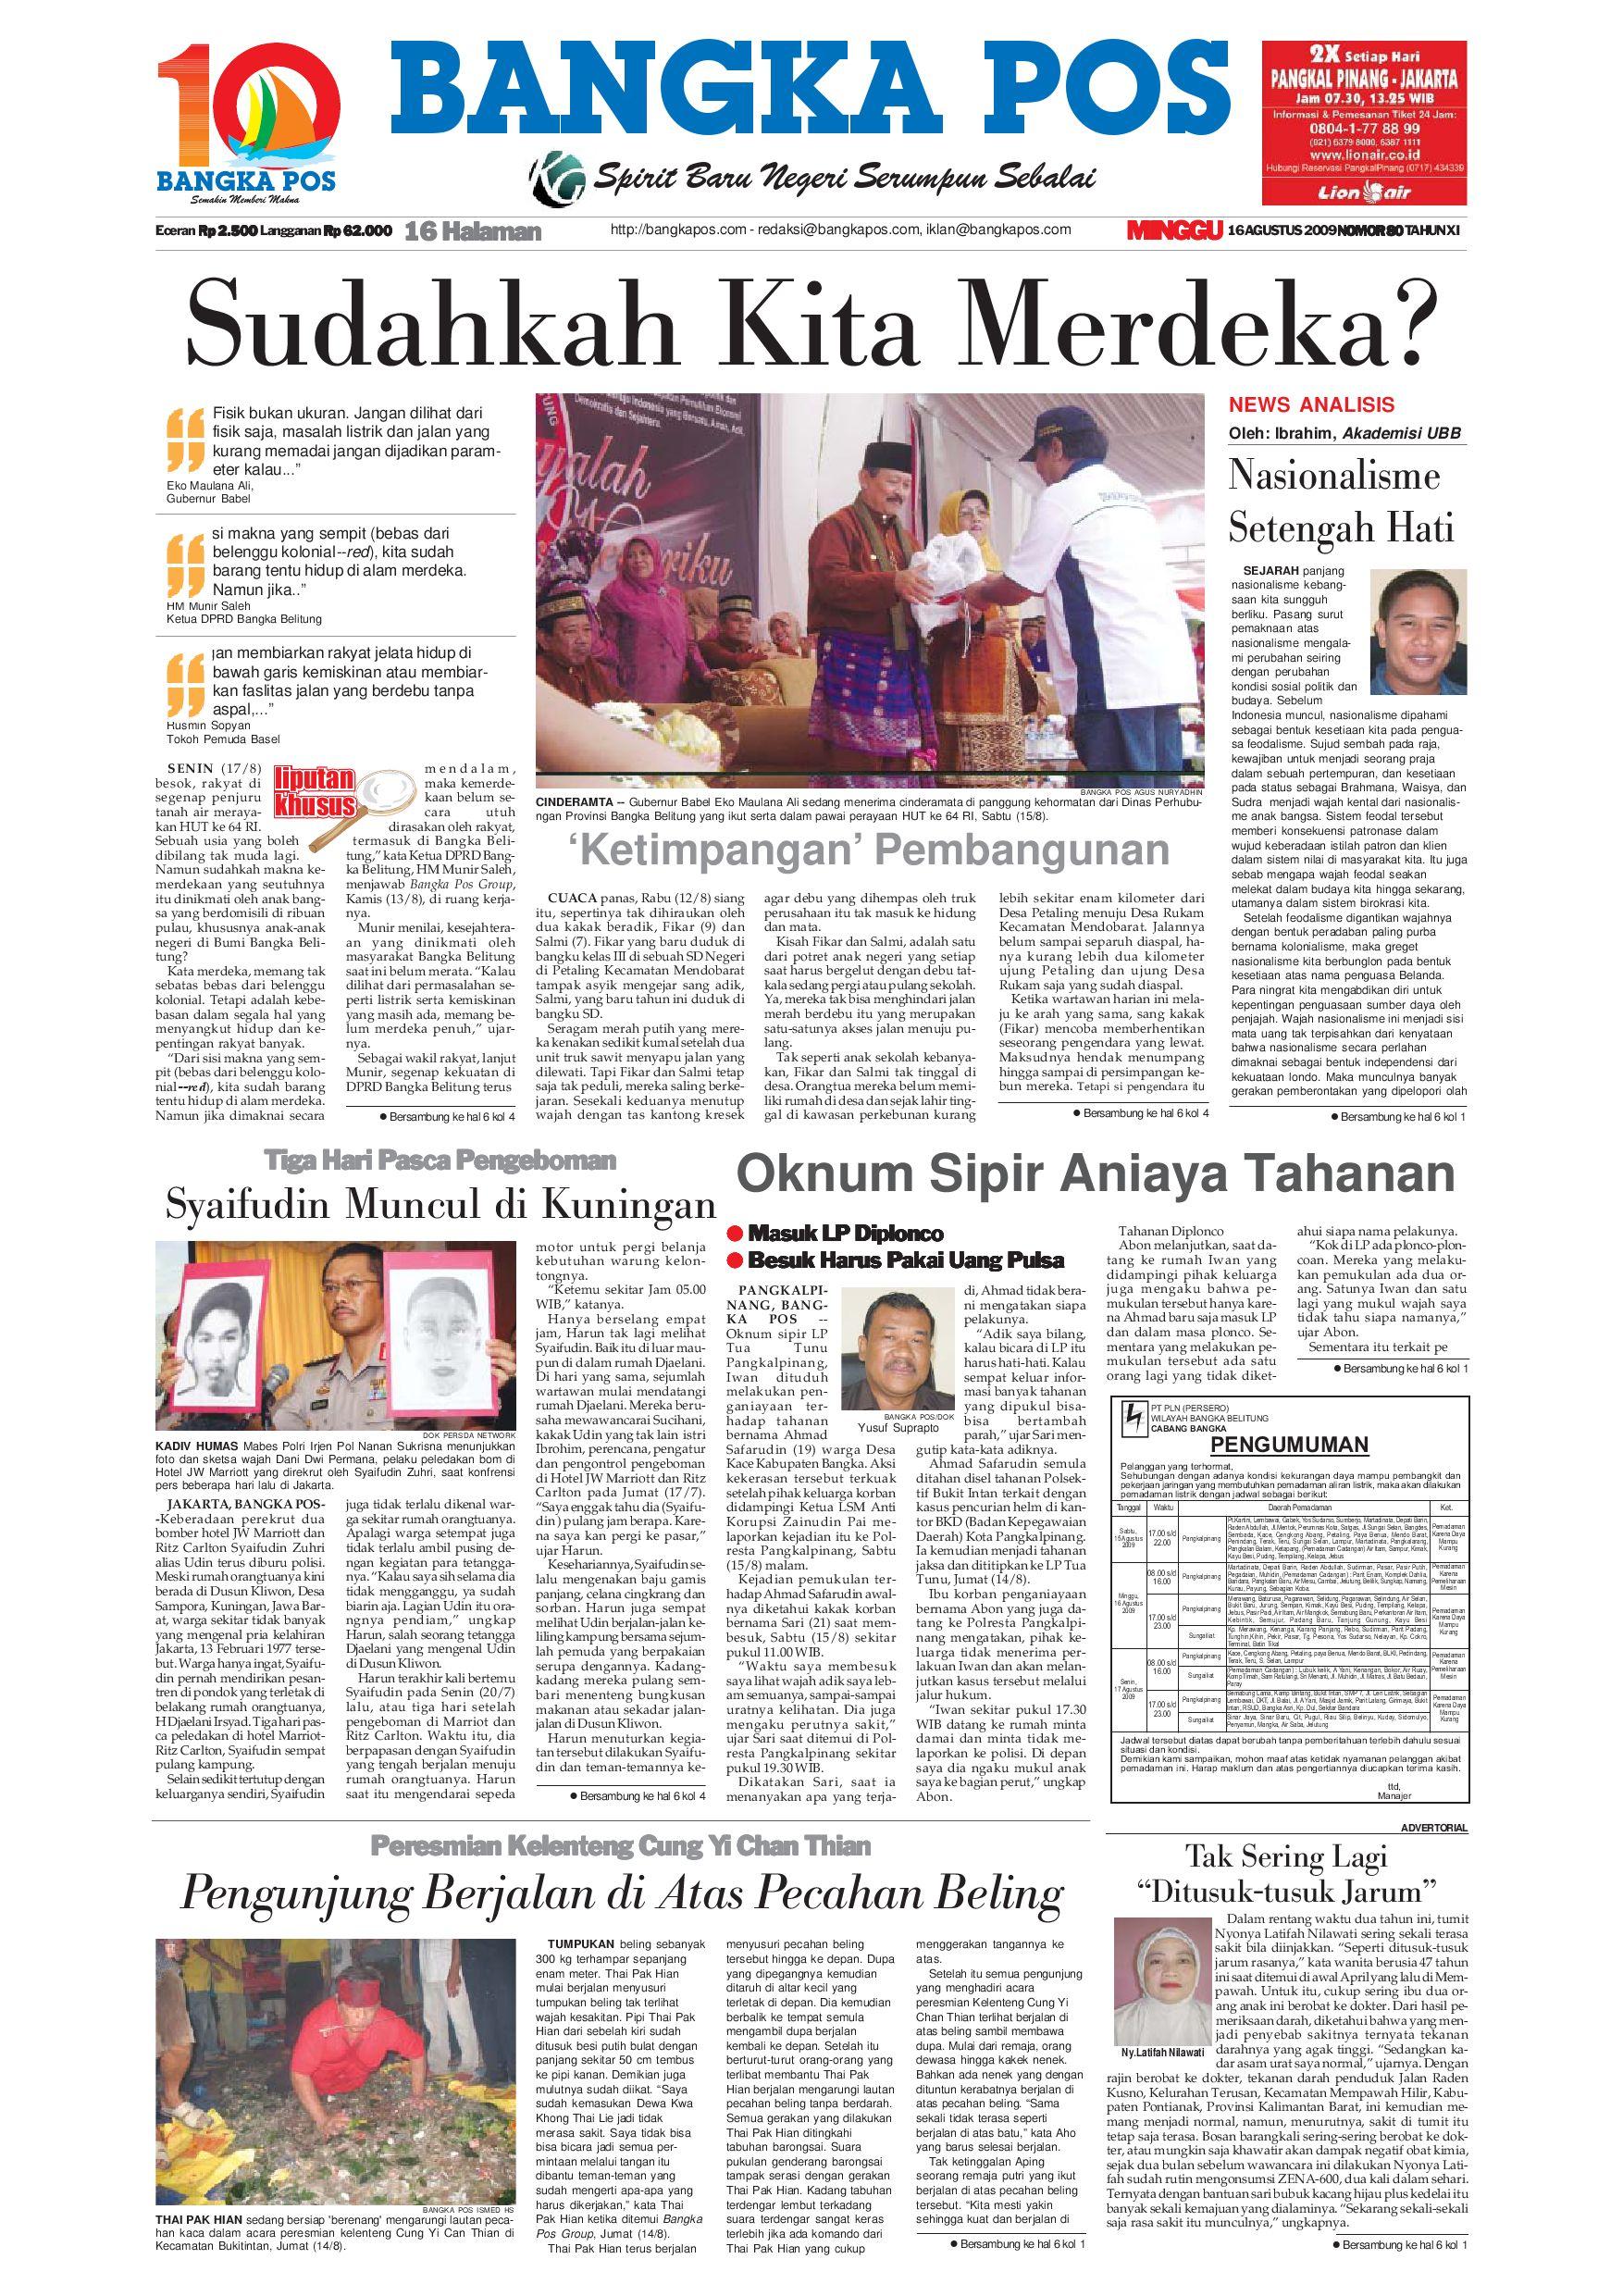 Harian Pagi Bangka Pos Edisi 16 Agustus 2009 By Issuu Produk Ukm Bumn Box Hantaran Pengantin Bio Art